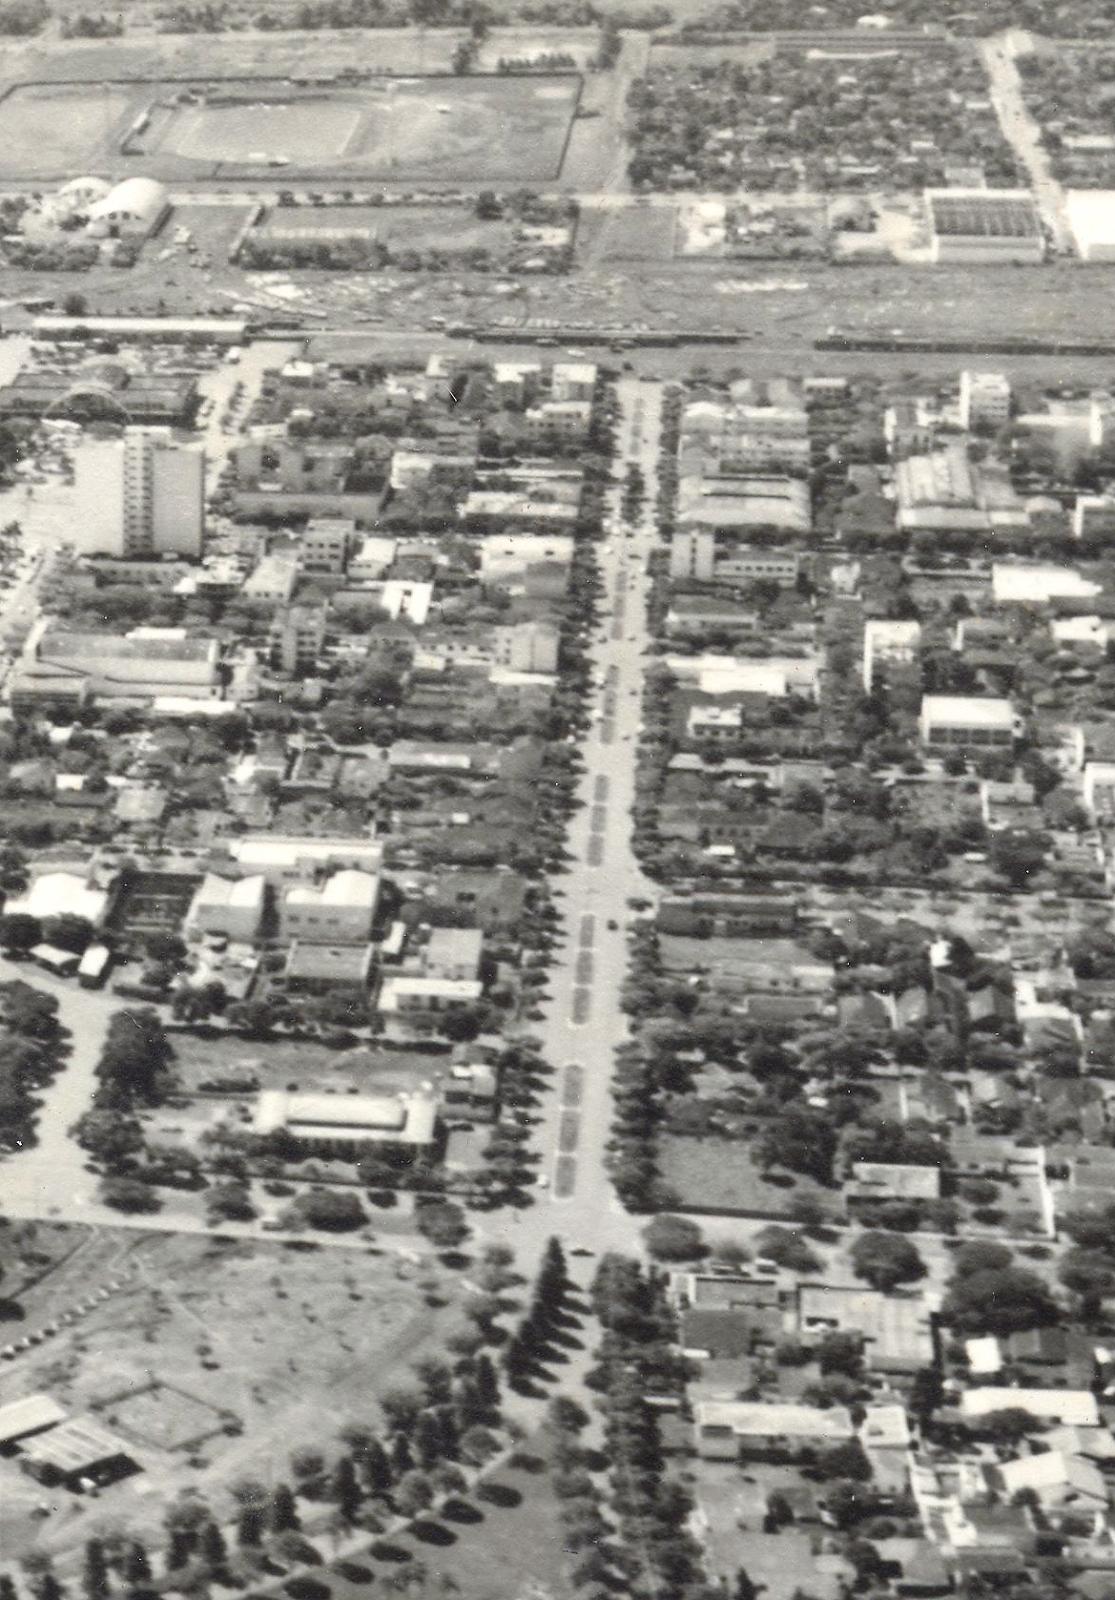 Avenida Herval - Década de 1970